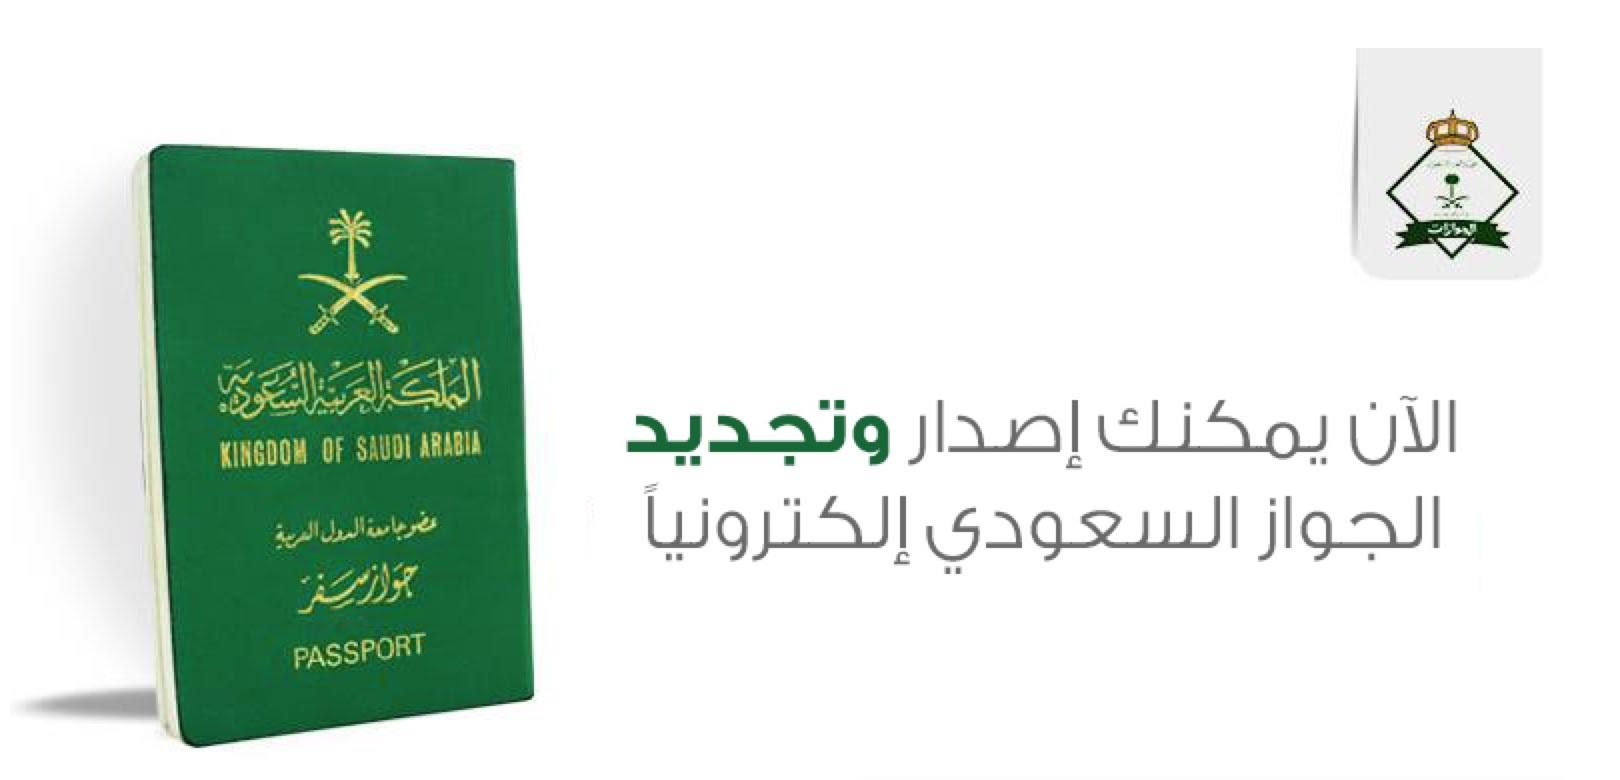 نموذج تجديد الجواز السعودي